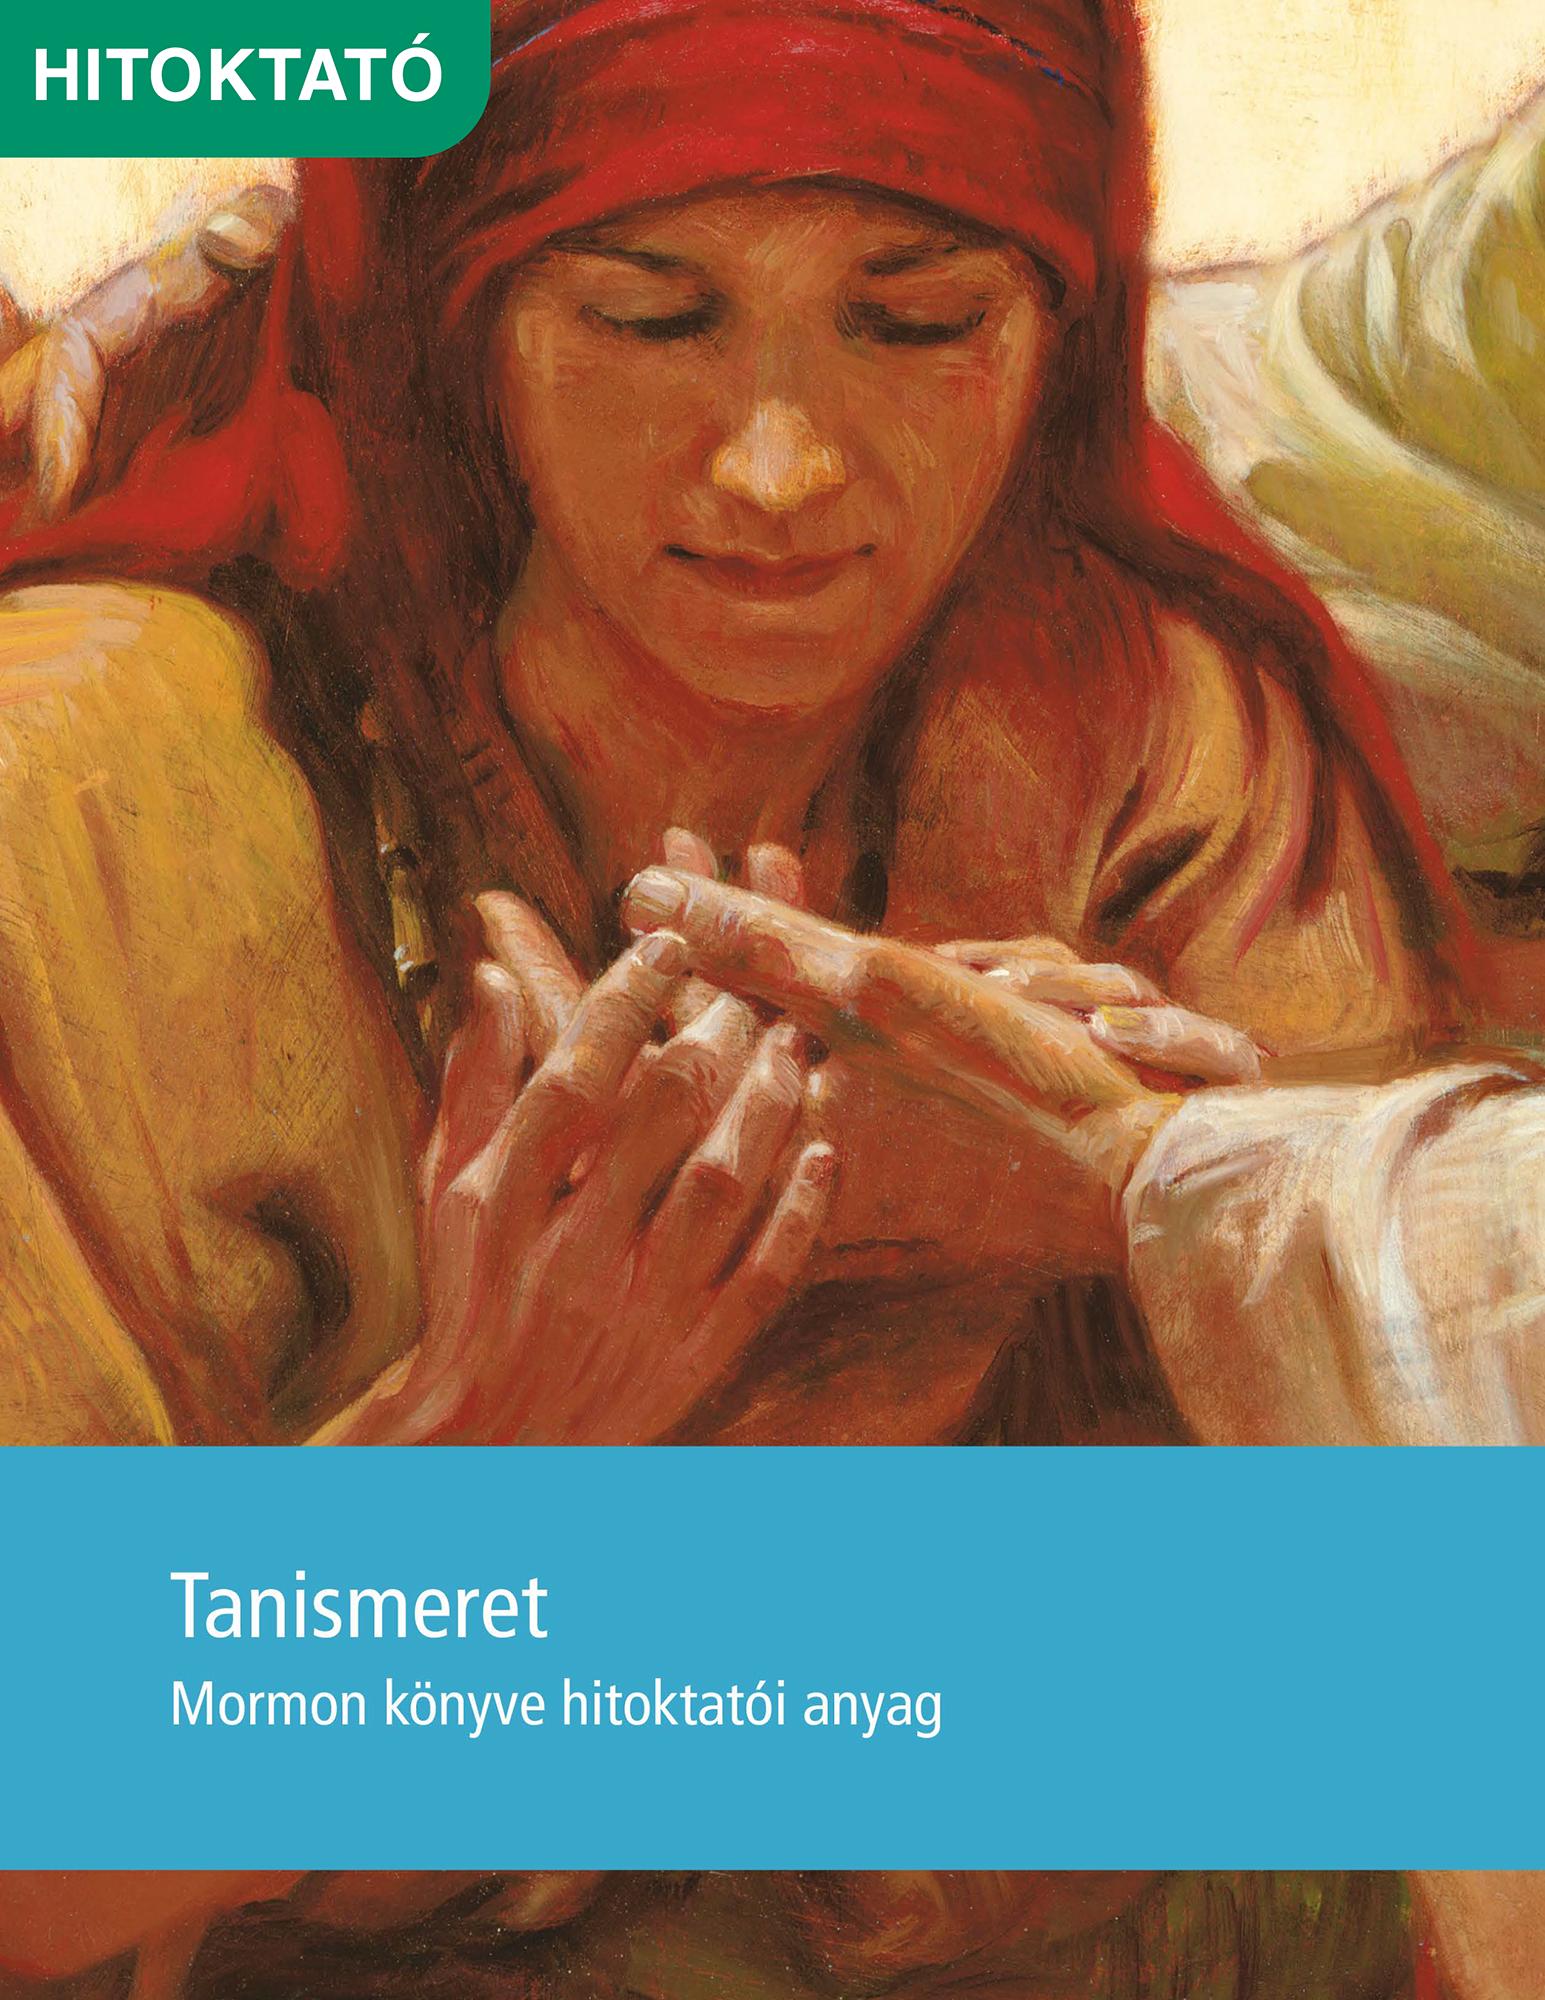 Tanismeret Mormon könyve hitoktatói anyag